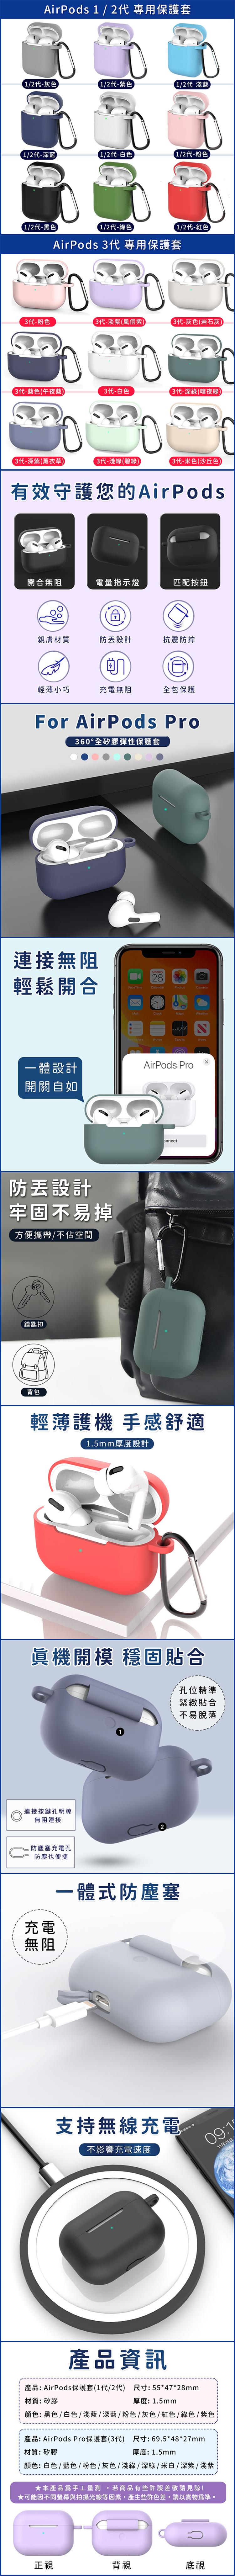 【台灣現貨 A172】 airpods藍牙耳機保護套 airpods pro 蘋果耳機保護套 藍牙耳機保護套 保護殼